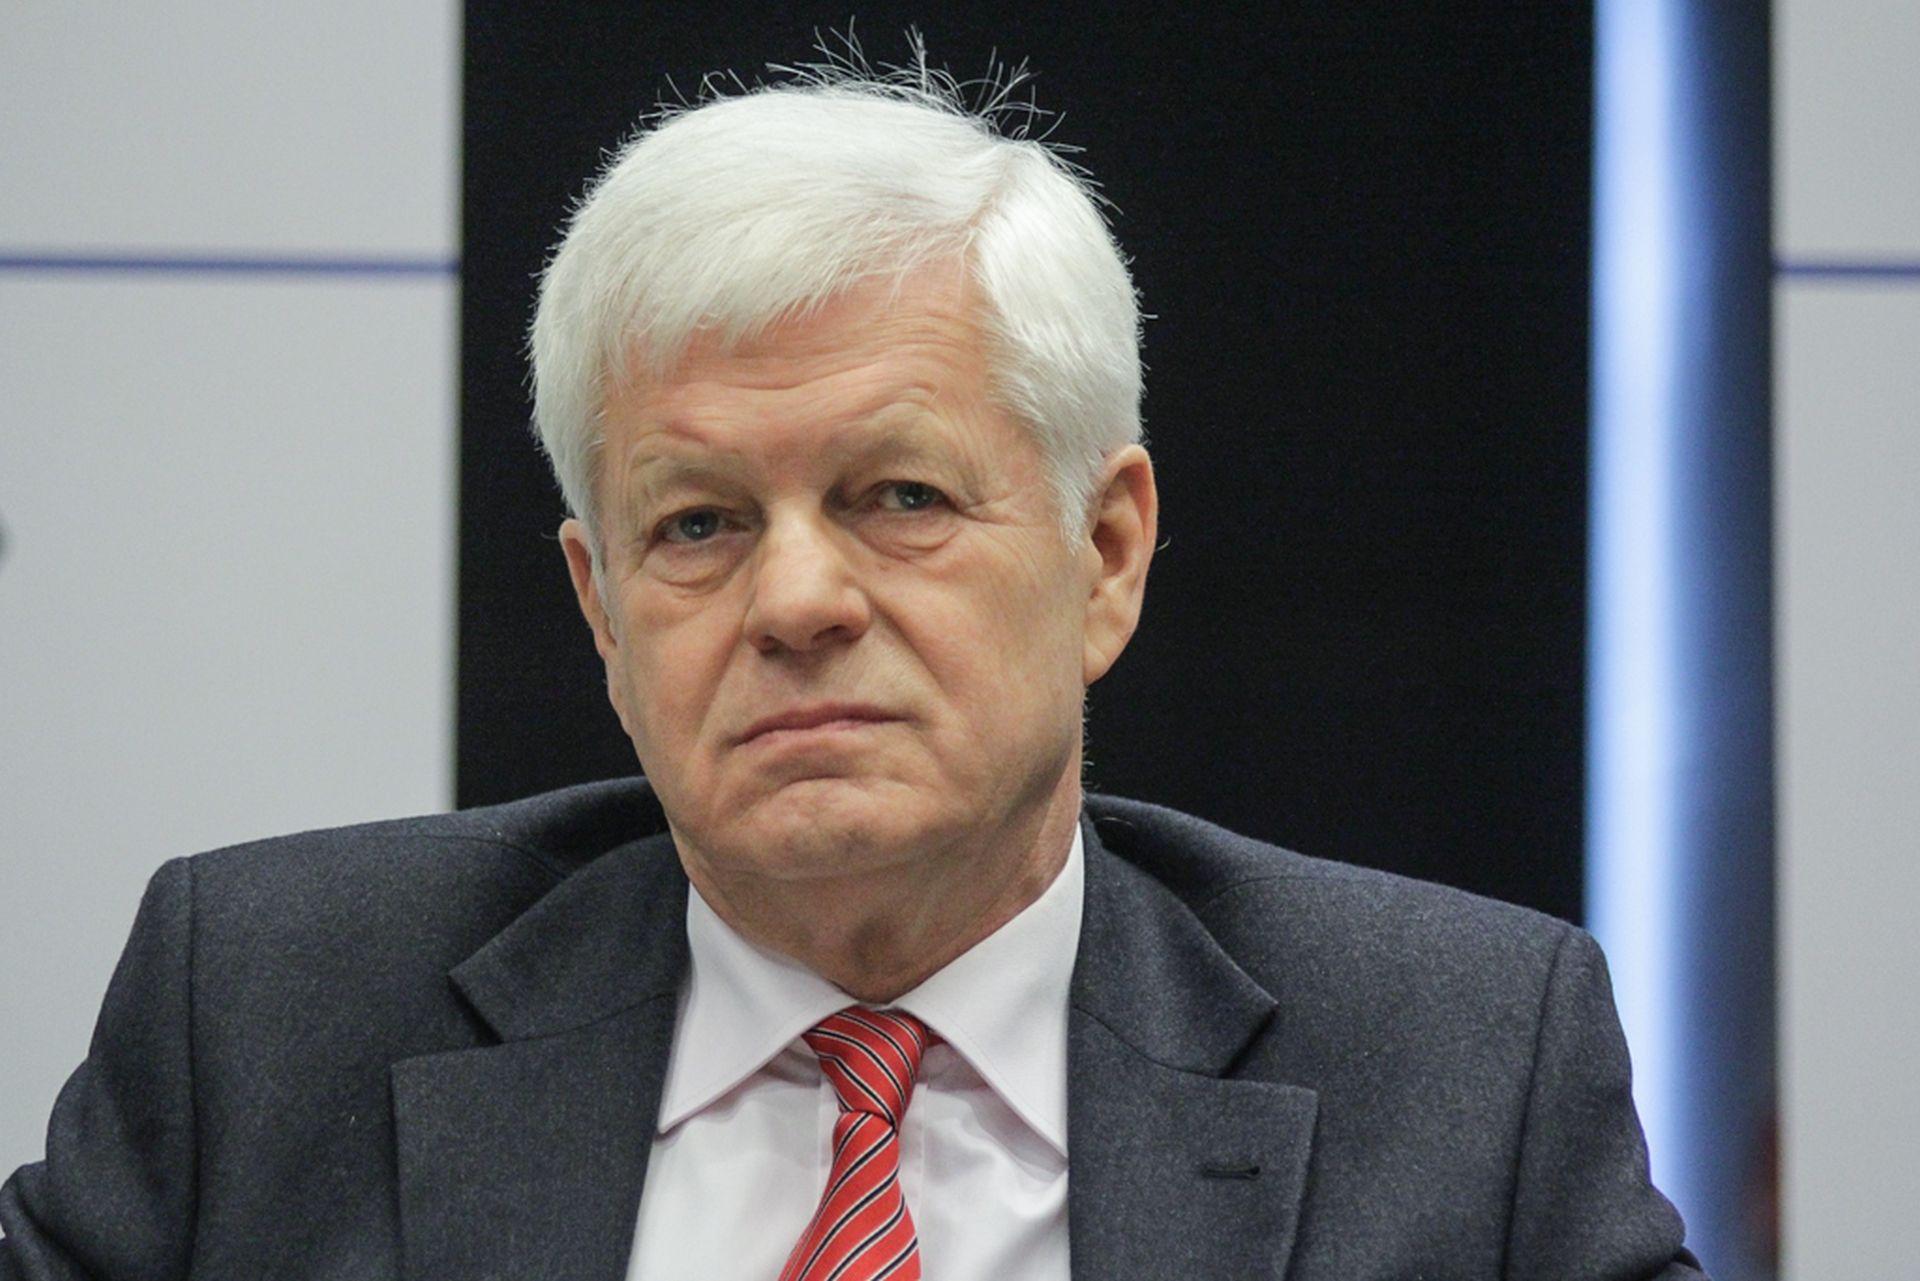 Jacek Kwiatkowski, prezes zarządu Zakładu Doskonalenia Zawodowego w Katowicach.Fot. Michał Oleksy / PTWP